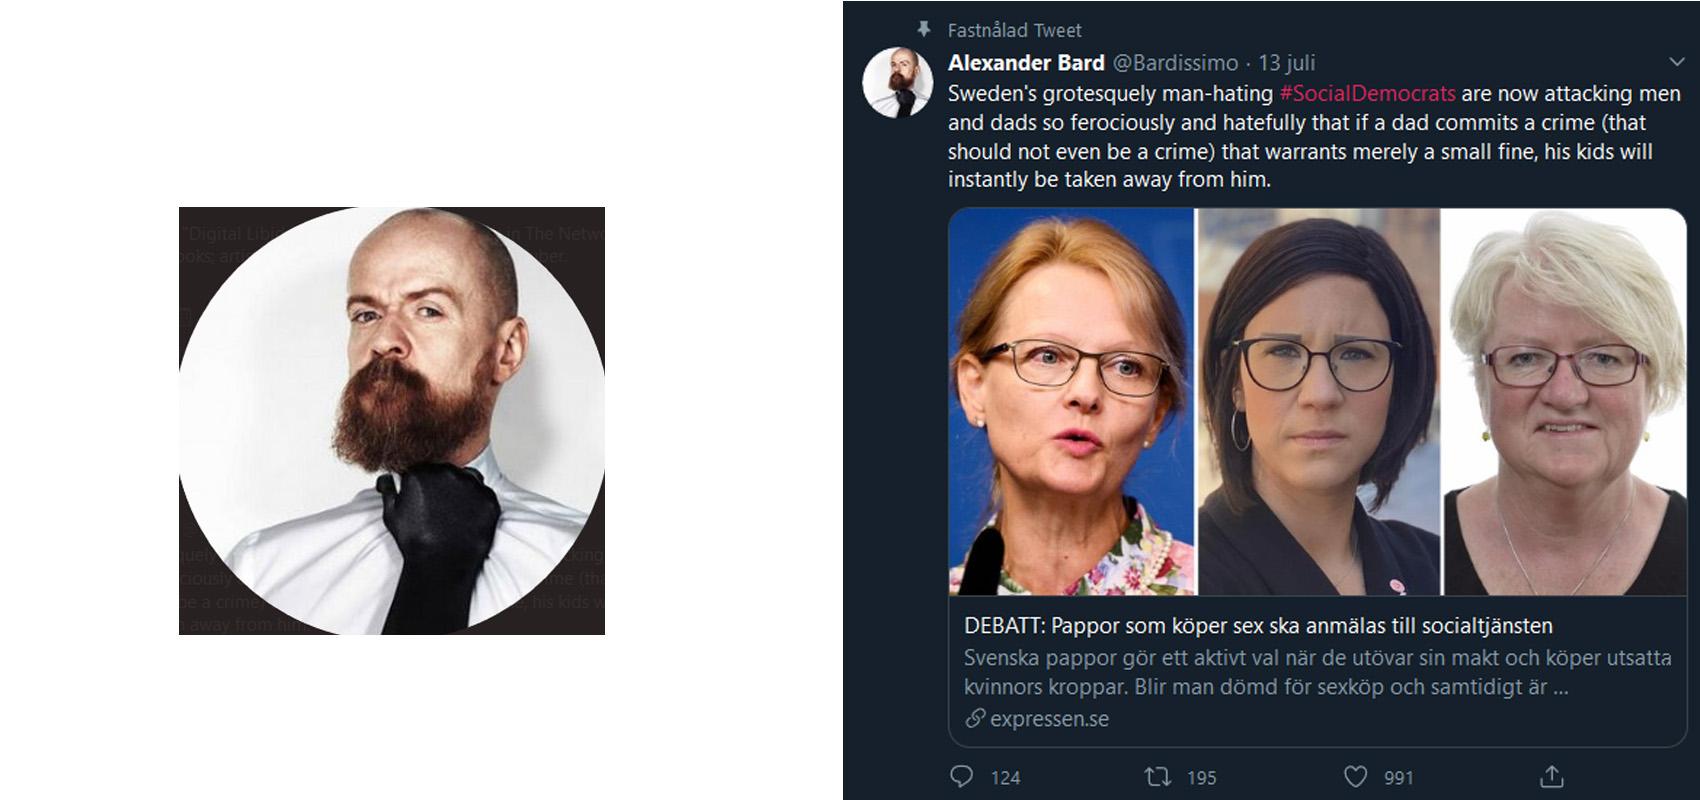 Alexander Bard tycker inte att det ska vara olagligt att köpa sex